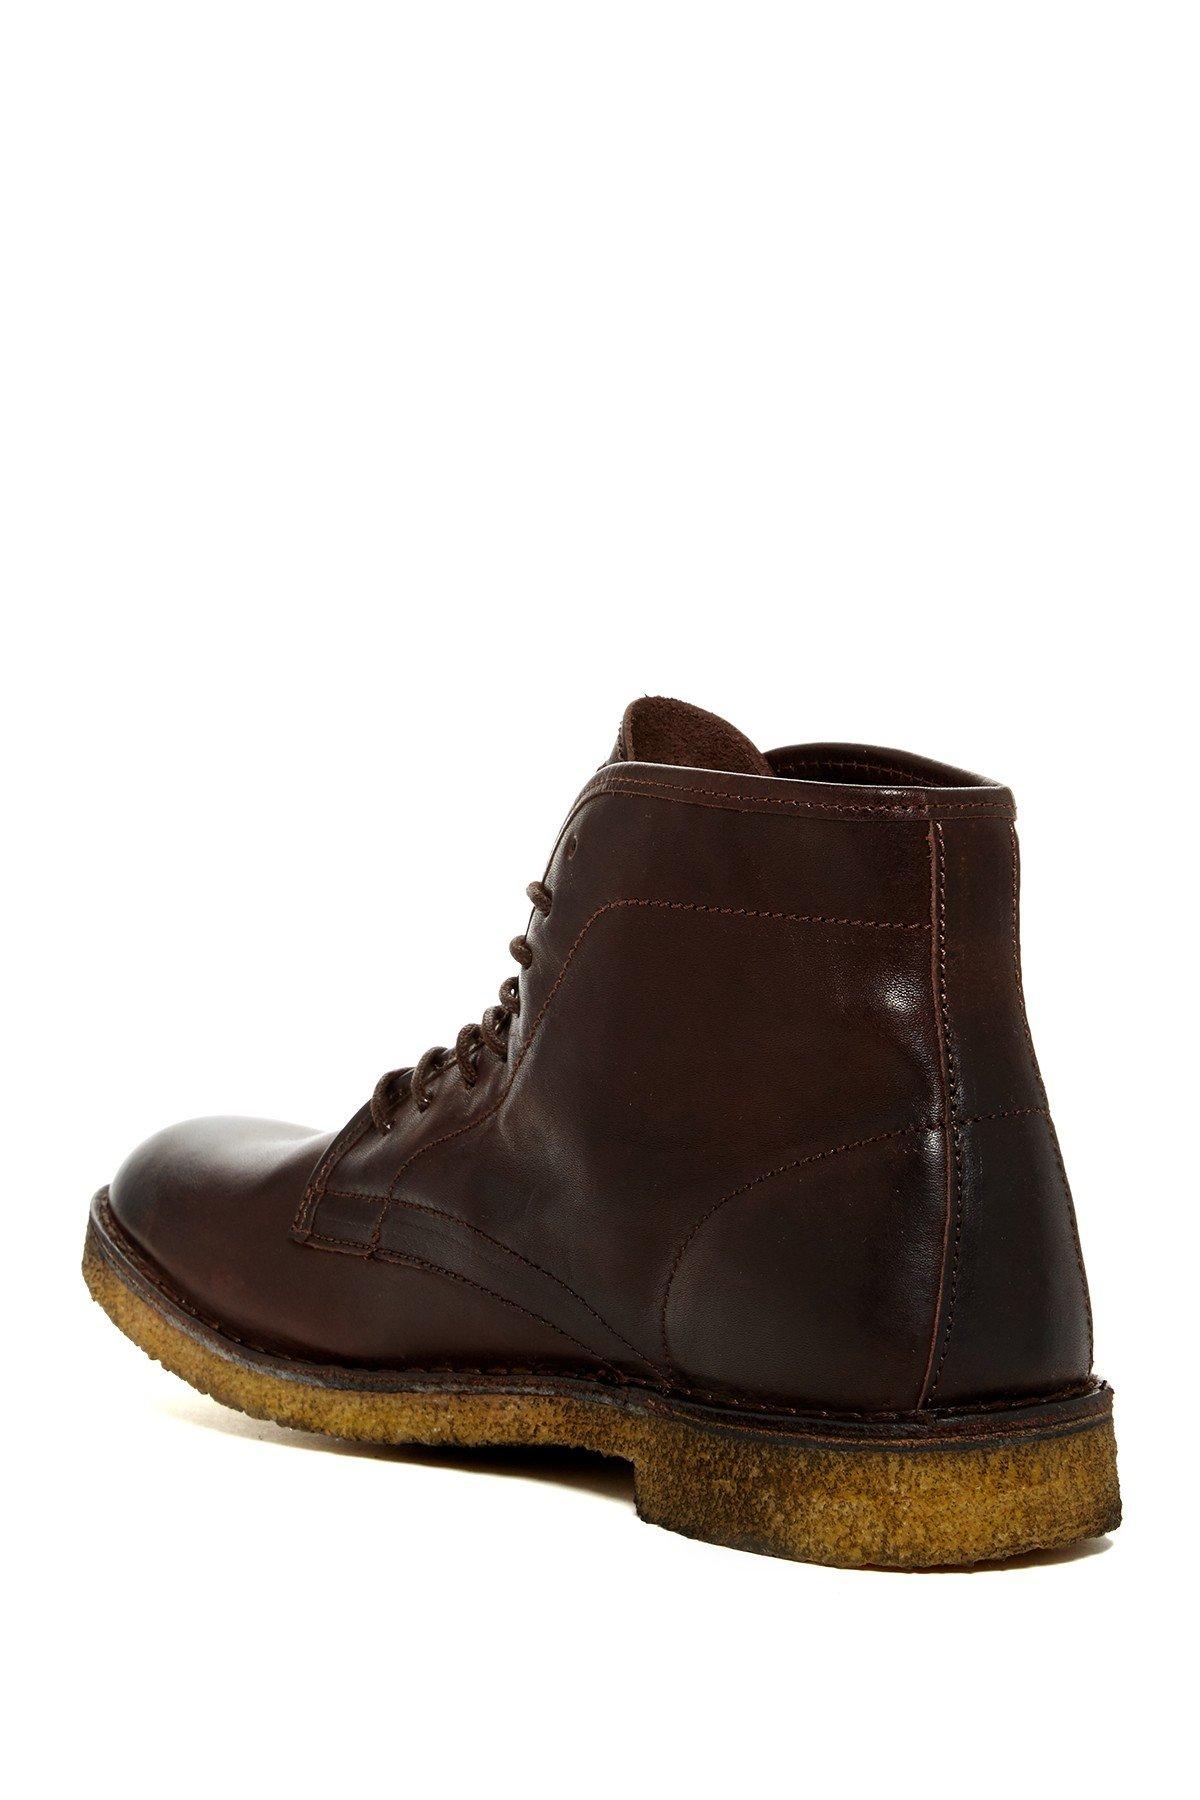 Pldm Shoes Canada